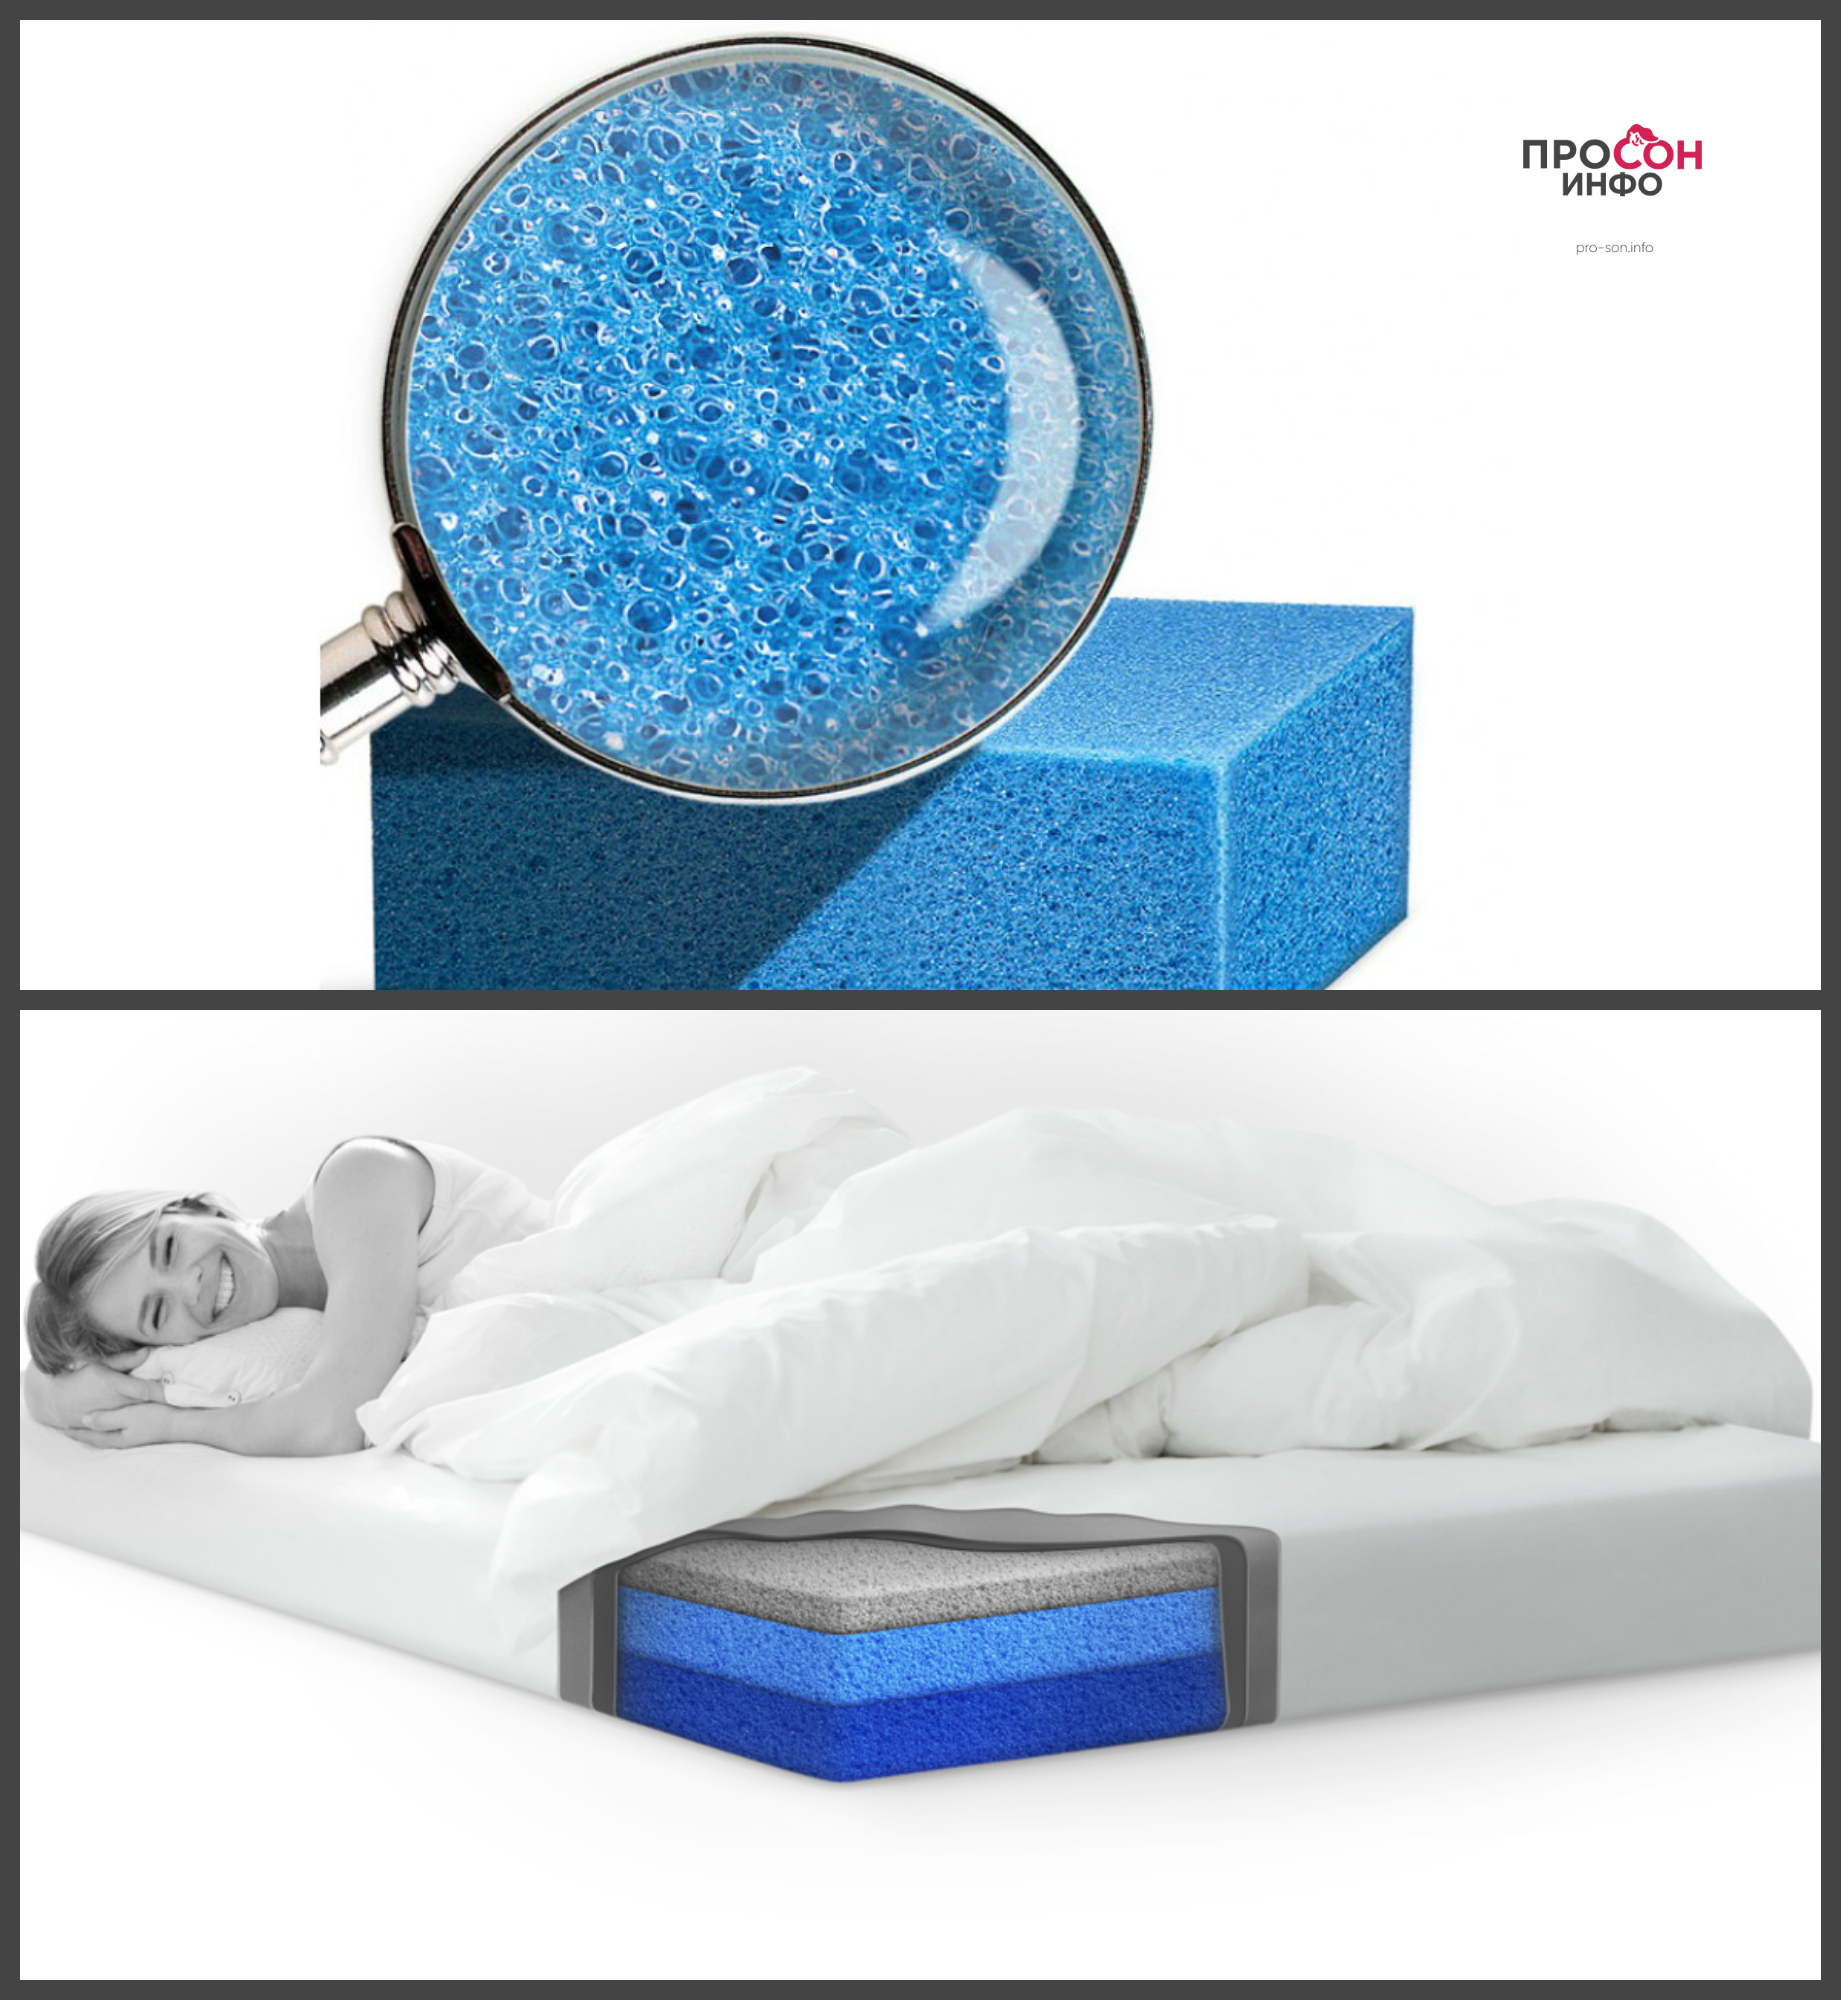 Как выбрать диван-трансформер Просон инфо картинка 1